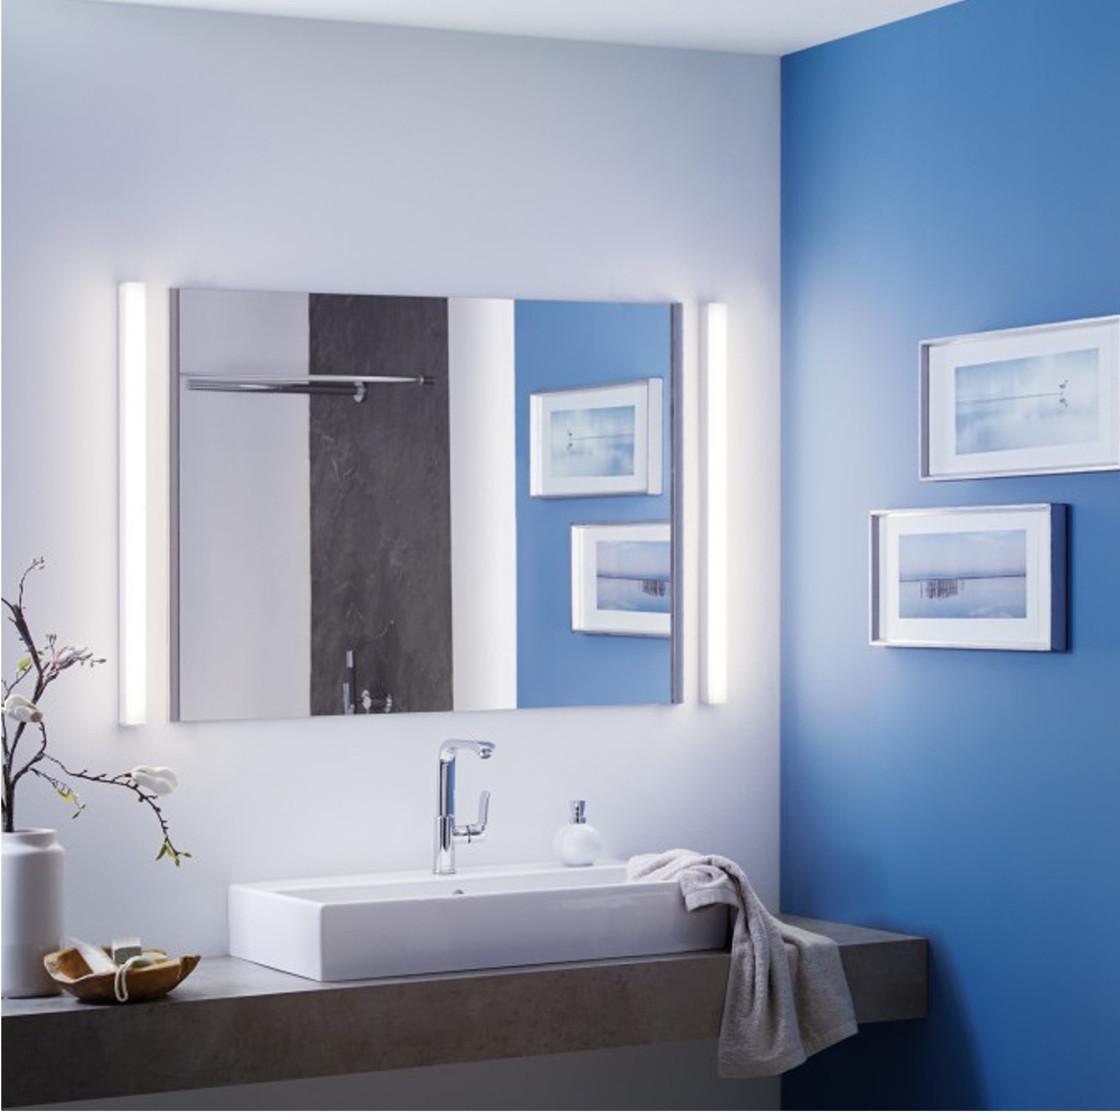 wunderbar led leiste badezimmer fotos home ideen design. Black Bedroom Furniture Sets. Home Design Ideas